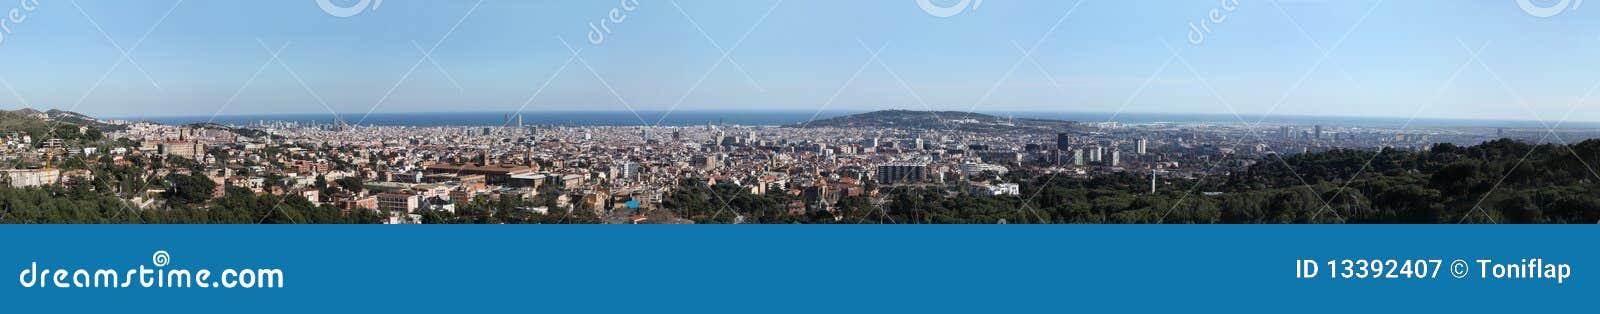 Gran descripción de Barcelona